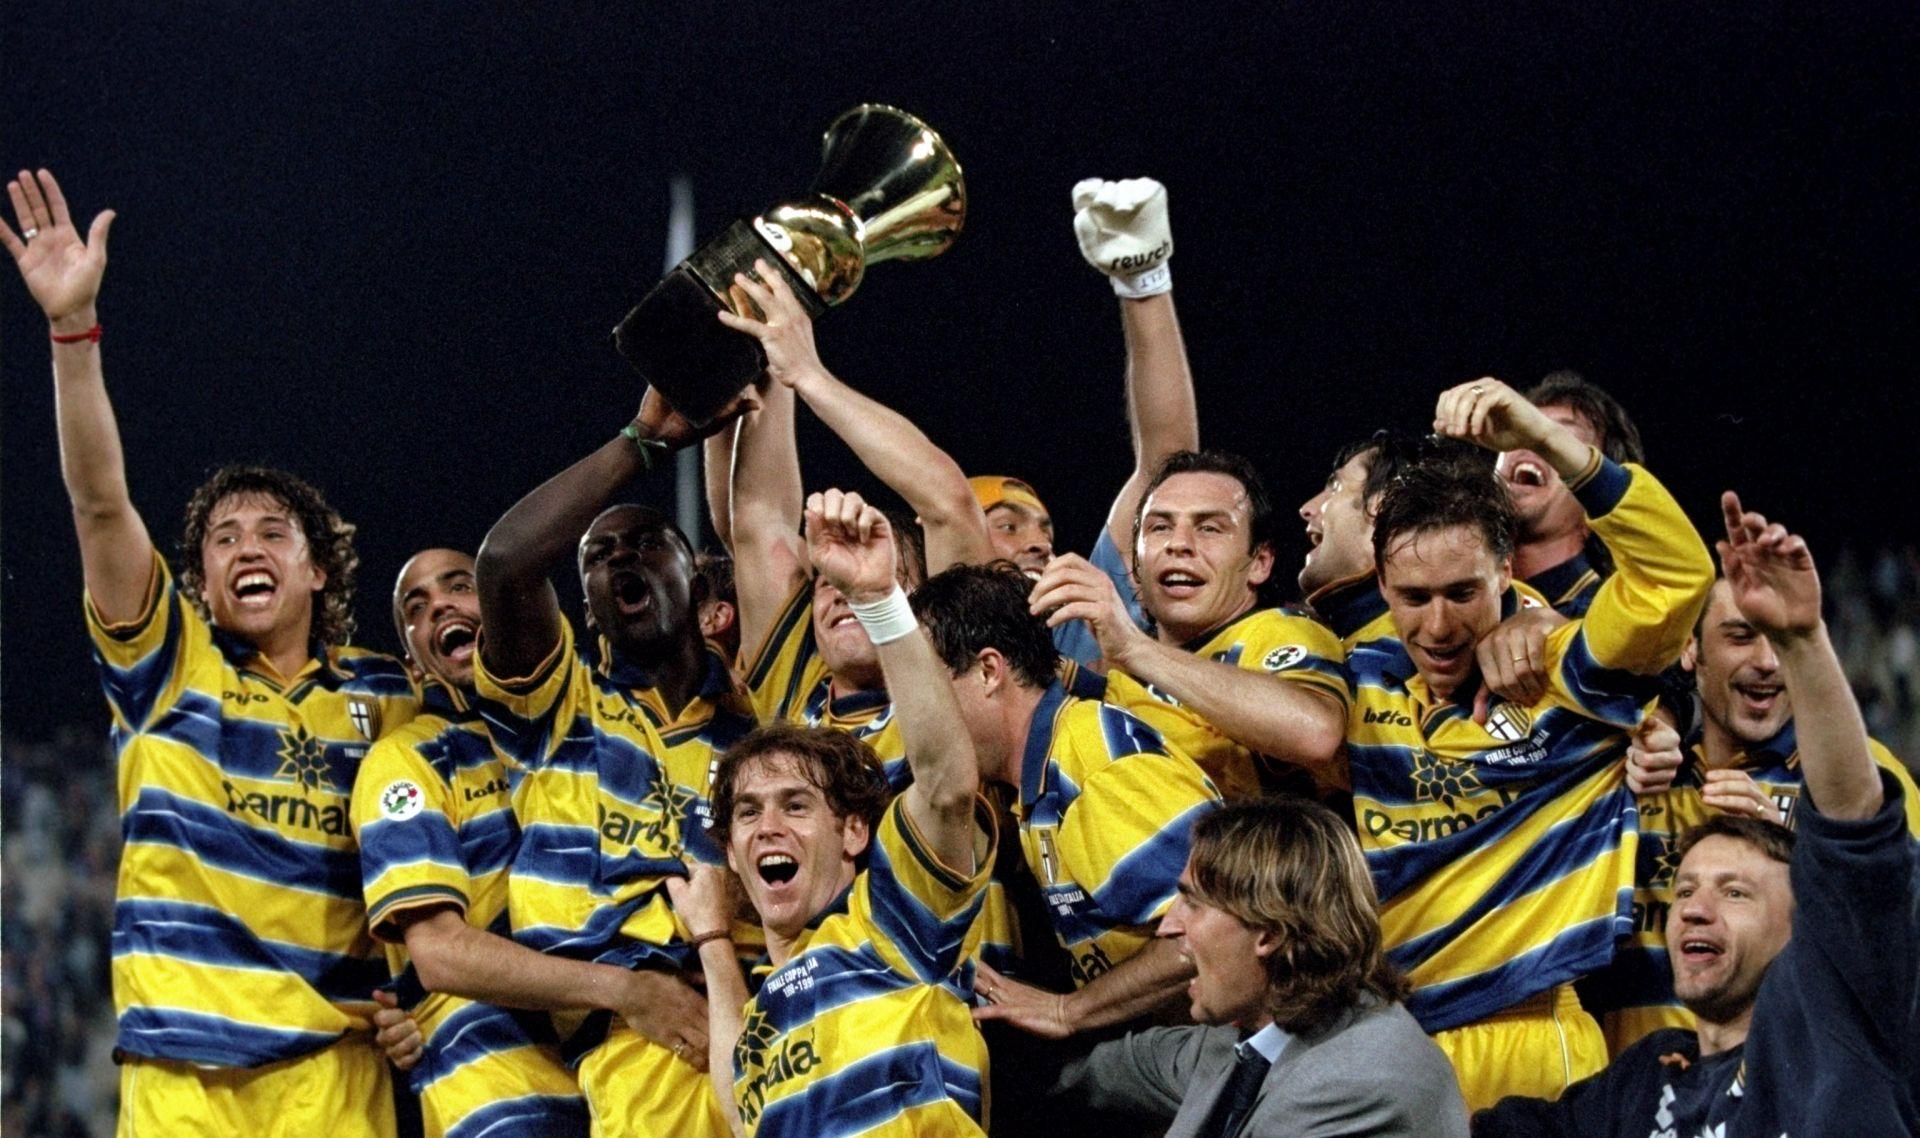 RASPRODAJA PROŠLOSTI Na aukciji svi Parmini trofeji, čak i registrirani zaštitni znak